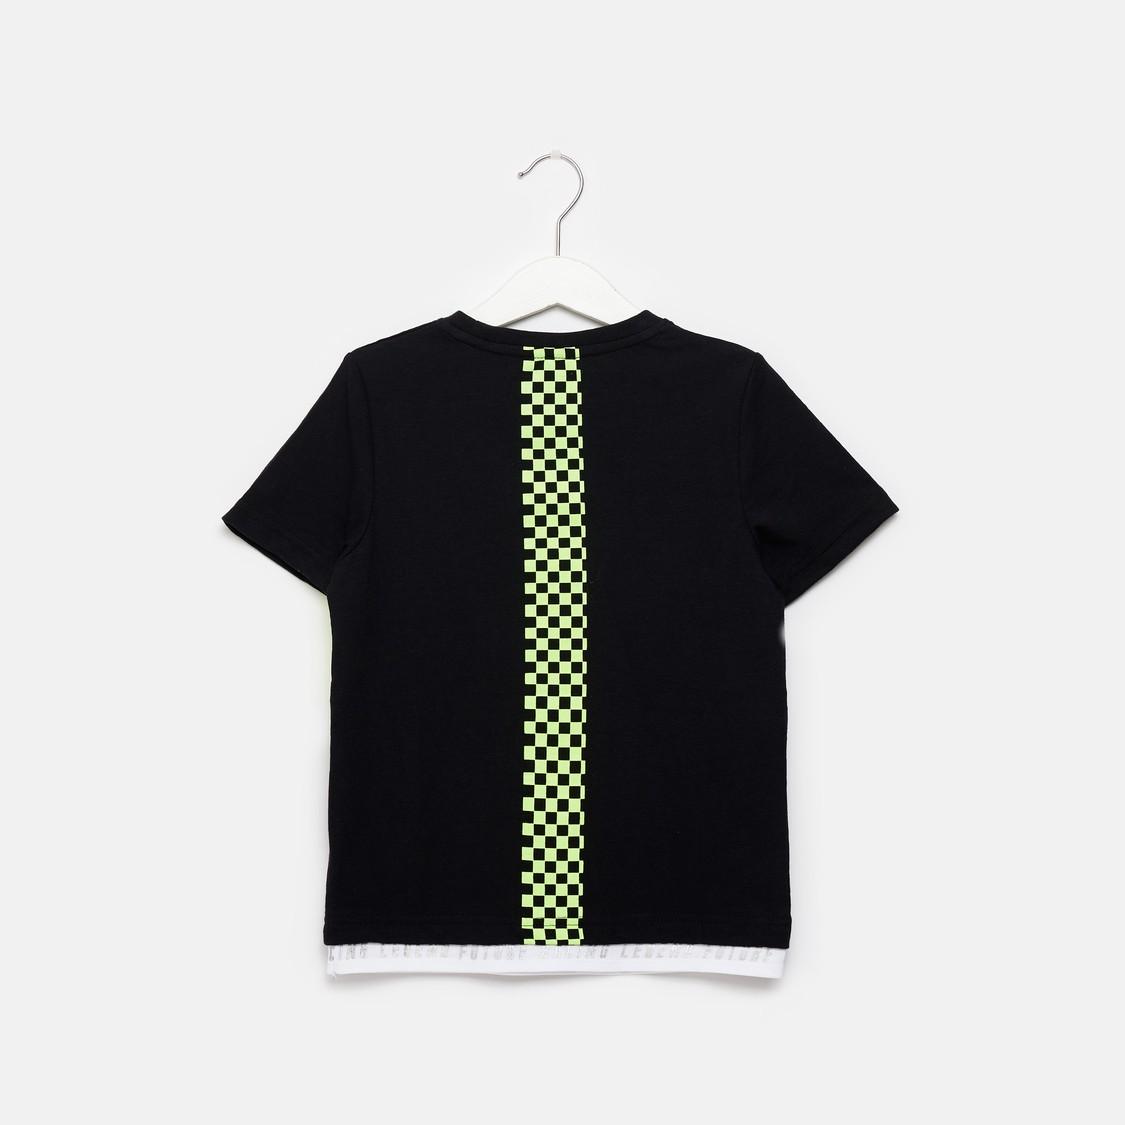 قميص بتصاميم مغايرة وأكمام قصيرة وجيب على الصدر من لي كوبر